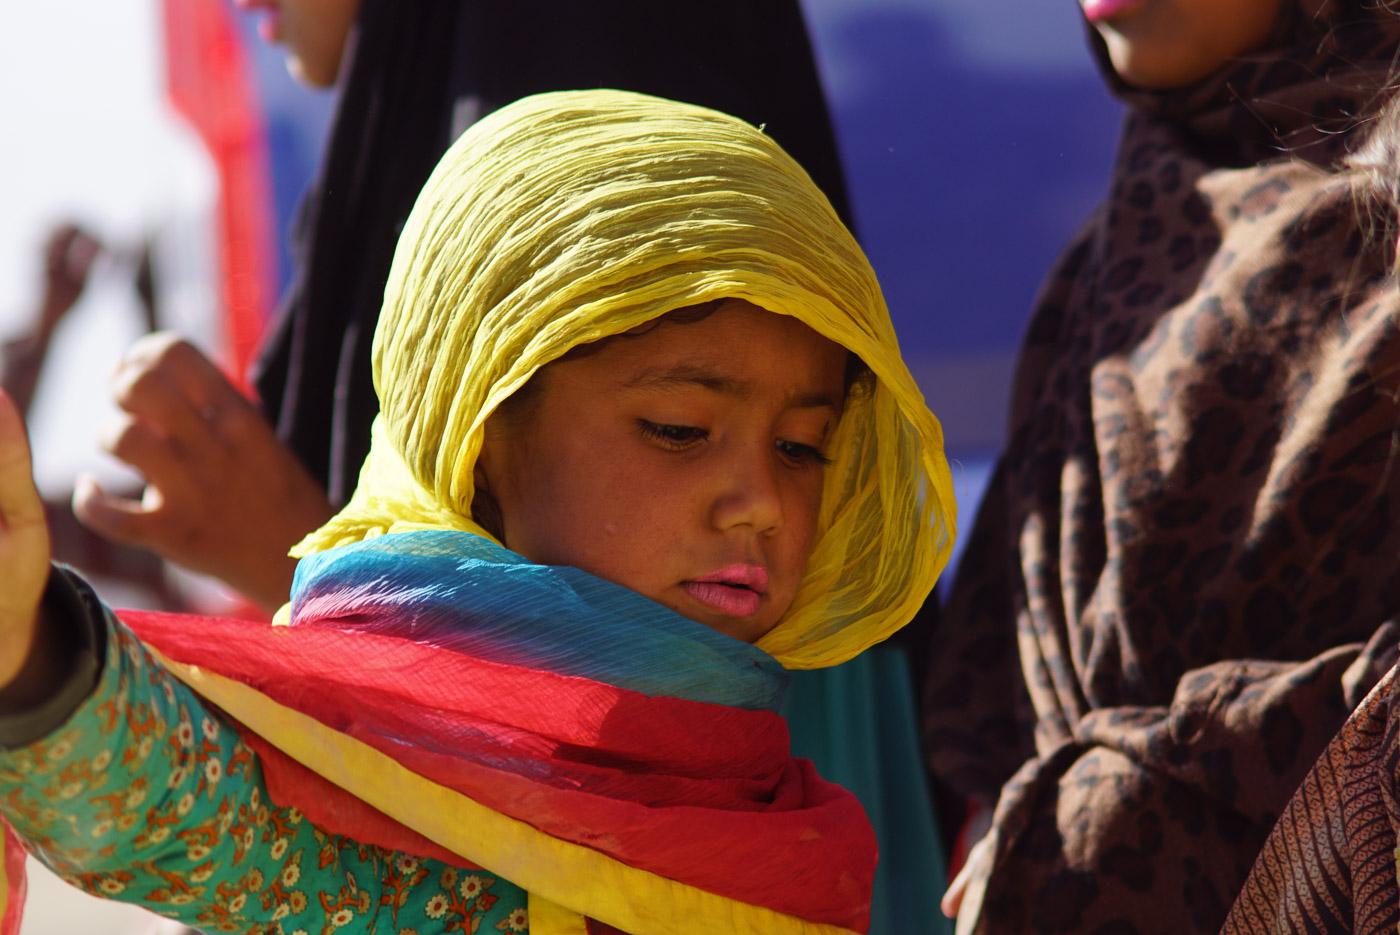 In Quetta hat eine Freundin von uns ihre Schminke ausgepackt und sich mit den Mädchen geschminkt. Zu sehen ist die Nahaufnahme eines ca. 5 Jahre alten Mädchens welches stolz sein rosafarbener Lippenstift präsentiert. Sie trägt ein gelbes Kopftuch.